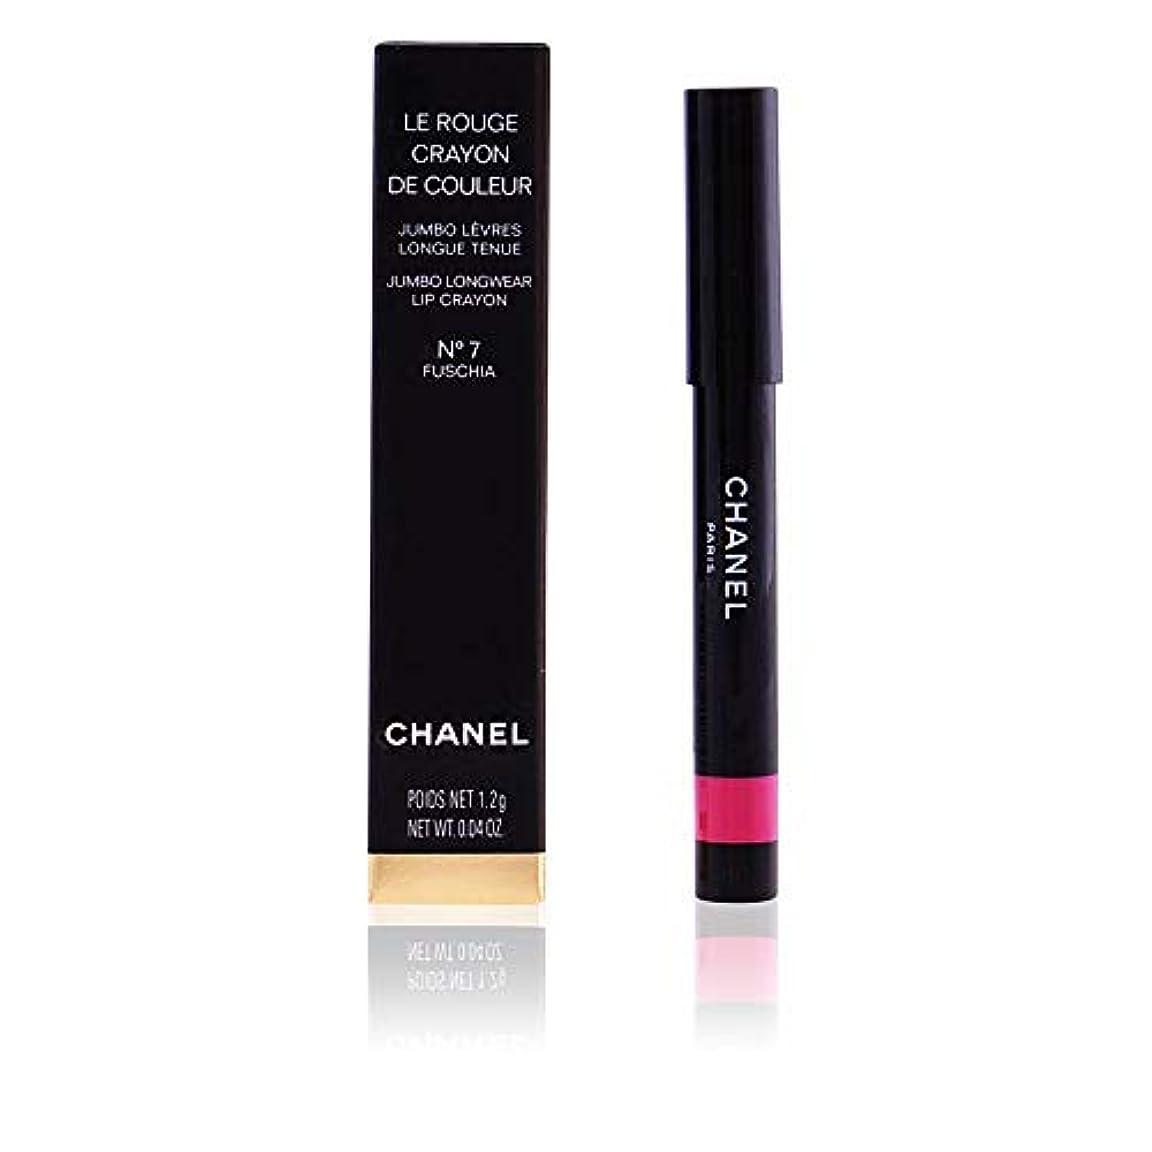 ベール没頭する取るに足らないシャネル Le Rouge Crayon De Couleur Jumbo Longwear Lip Crayon - # 2 Rose Violine 1.2g/0.04oz並行輸入品